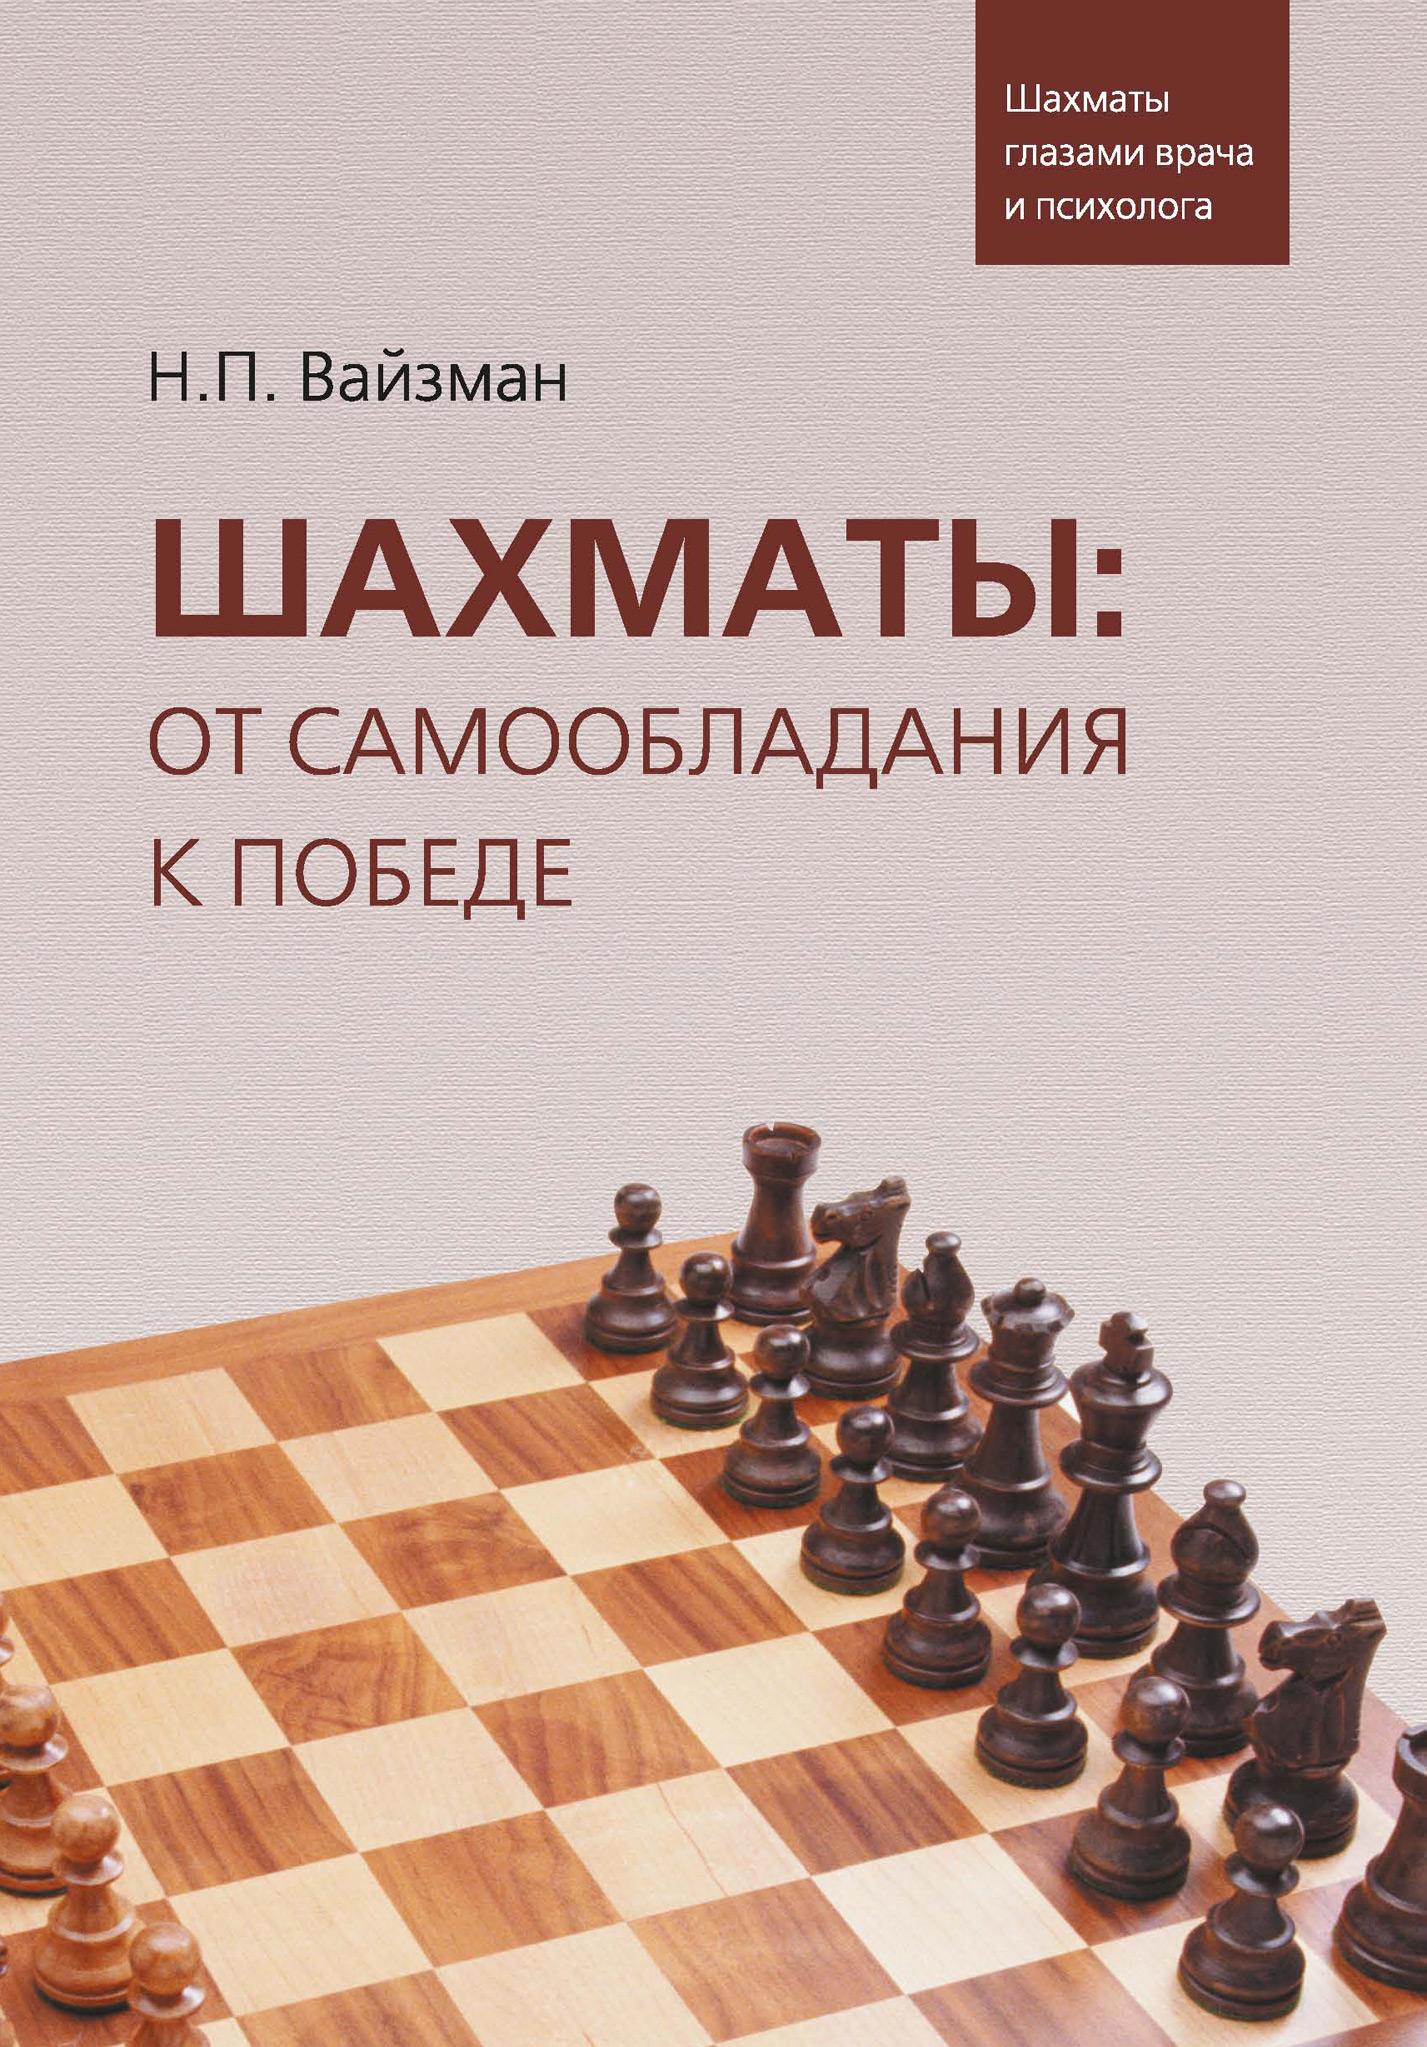 Н. П. Вайзман Шахматы: от самообладания к победе. Шахматы глазами врача и психолога калиниченко н линдер в шахматы полный курс